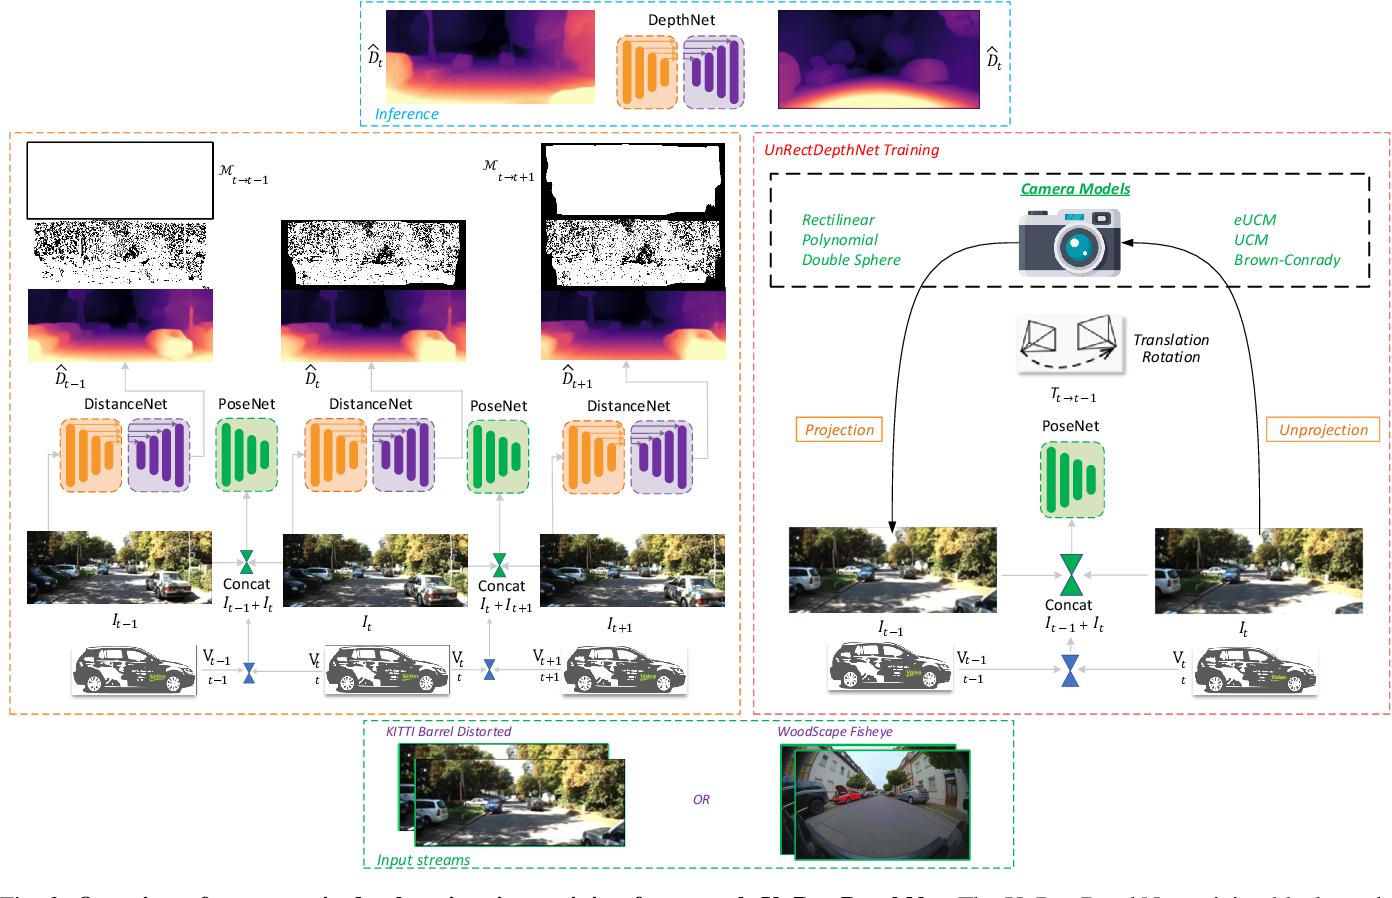 Figure 3 for UnRectDepthNet: Self-Supervised Monocular Depth Estimation using a Generic Framework for Handling Common Camera Distortion Models